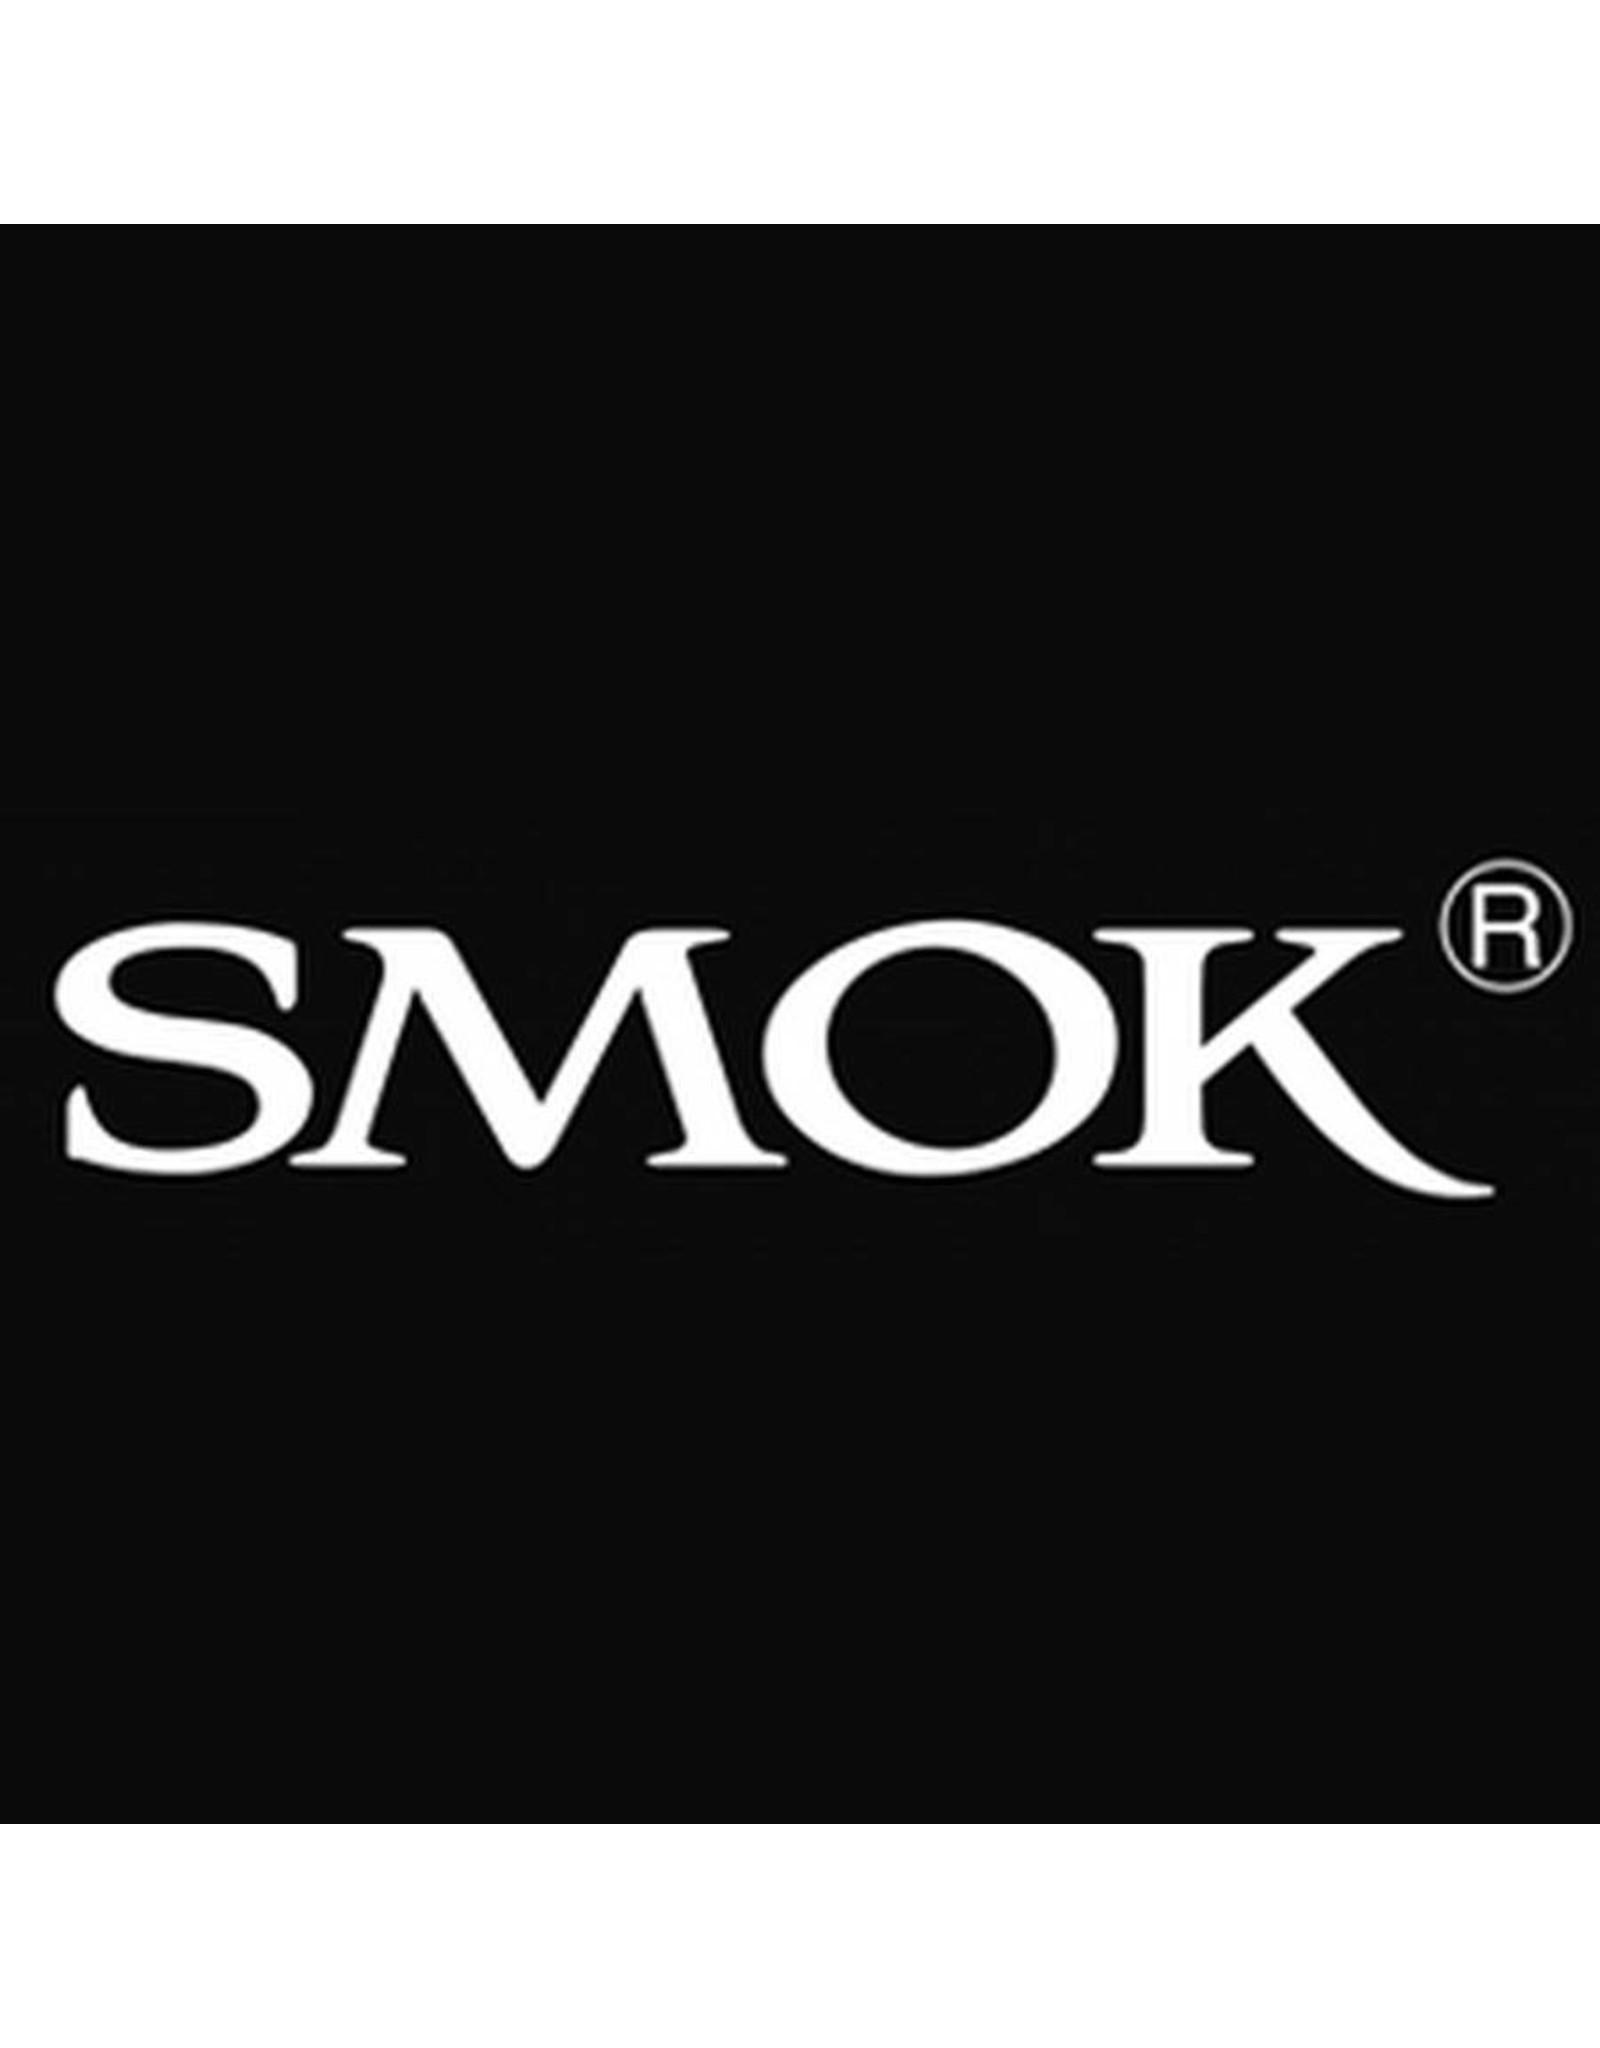 Smok Smok Coils